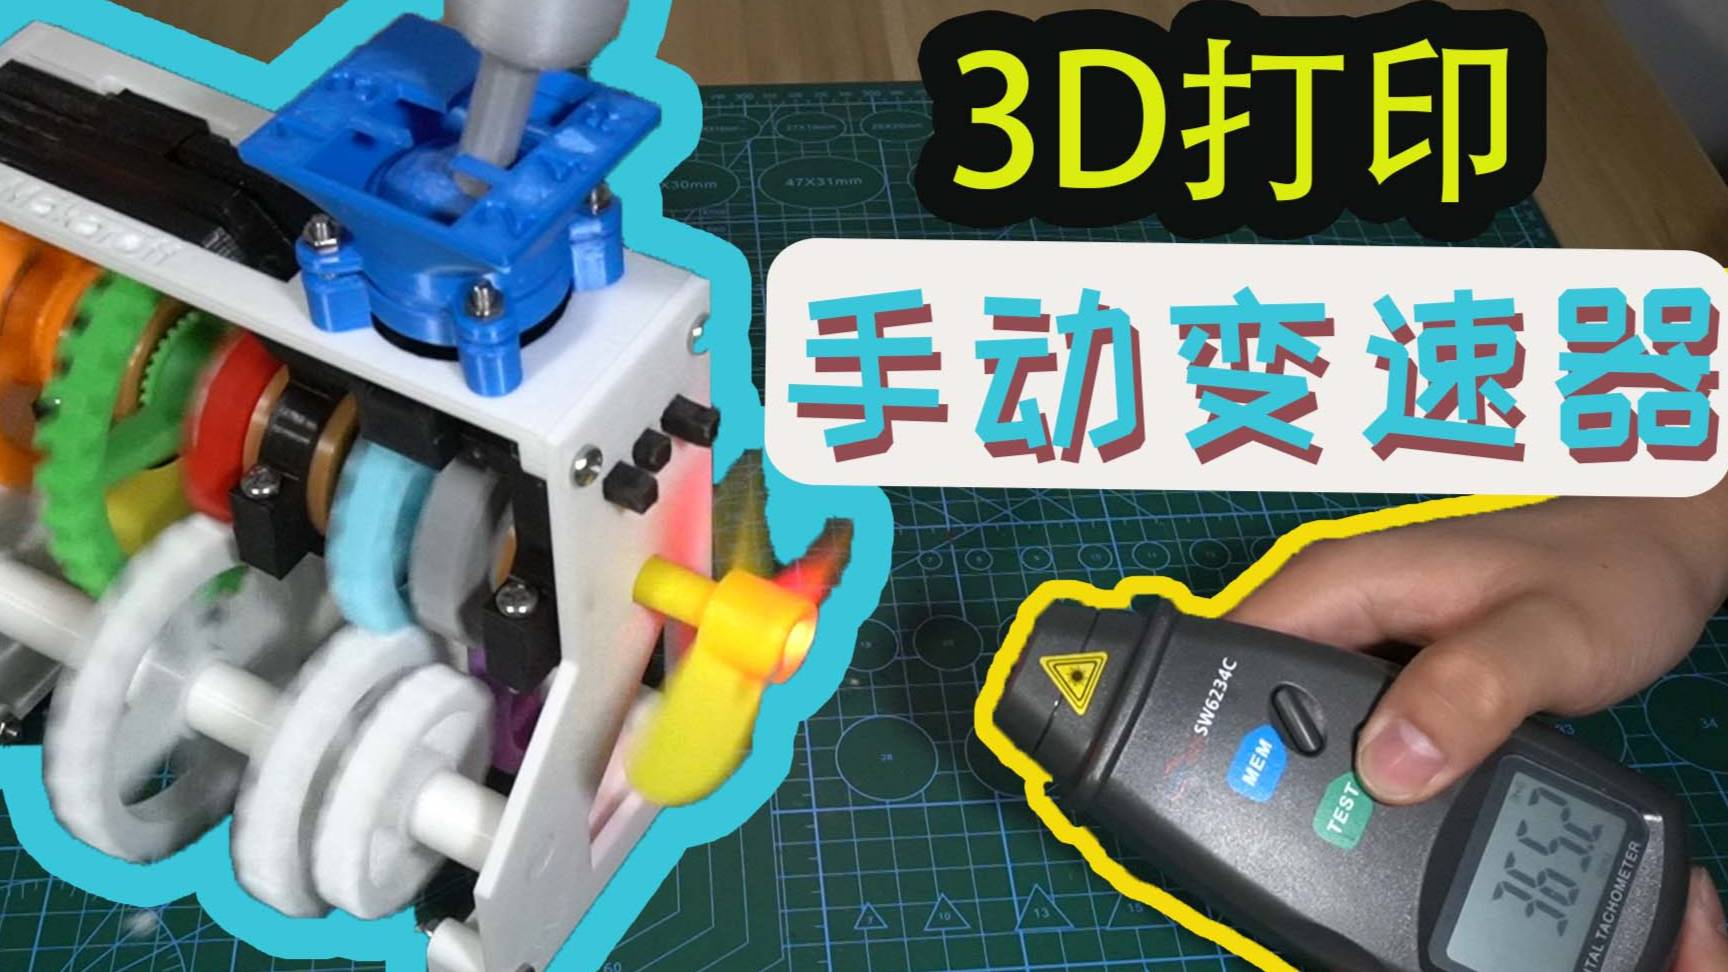 【硬核干货】3D打印手动变速器模型,详解手动变速器的工作原理